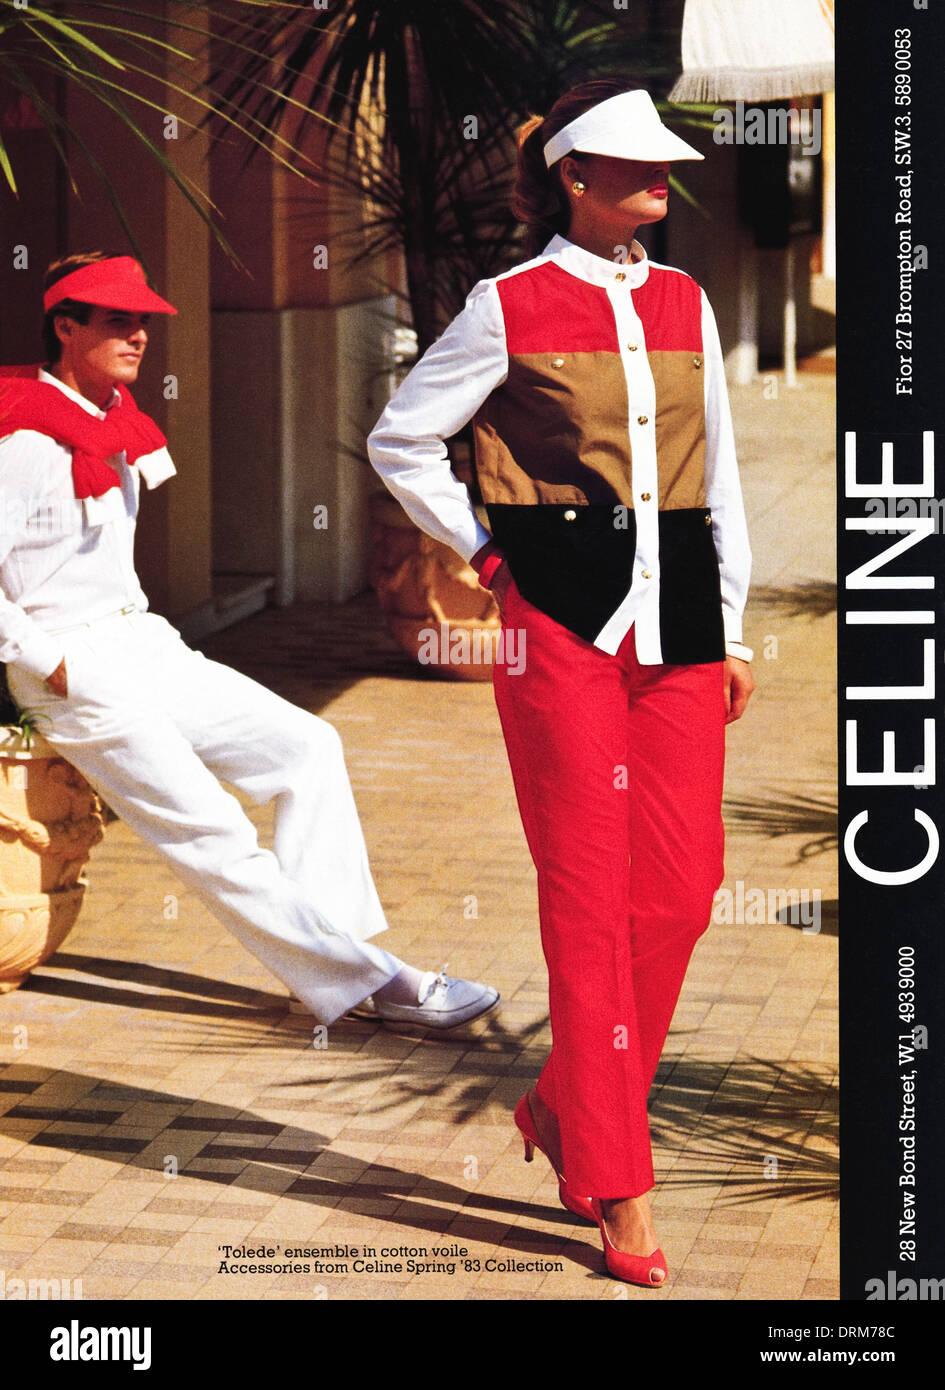 2940ff42ce146 1980er Jahre Mode Magazin Werbung Werbung Herren- und Damenmode Kleidung  von CELINE in London, Anzeige ca. 1983